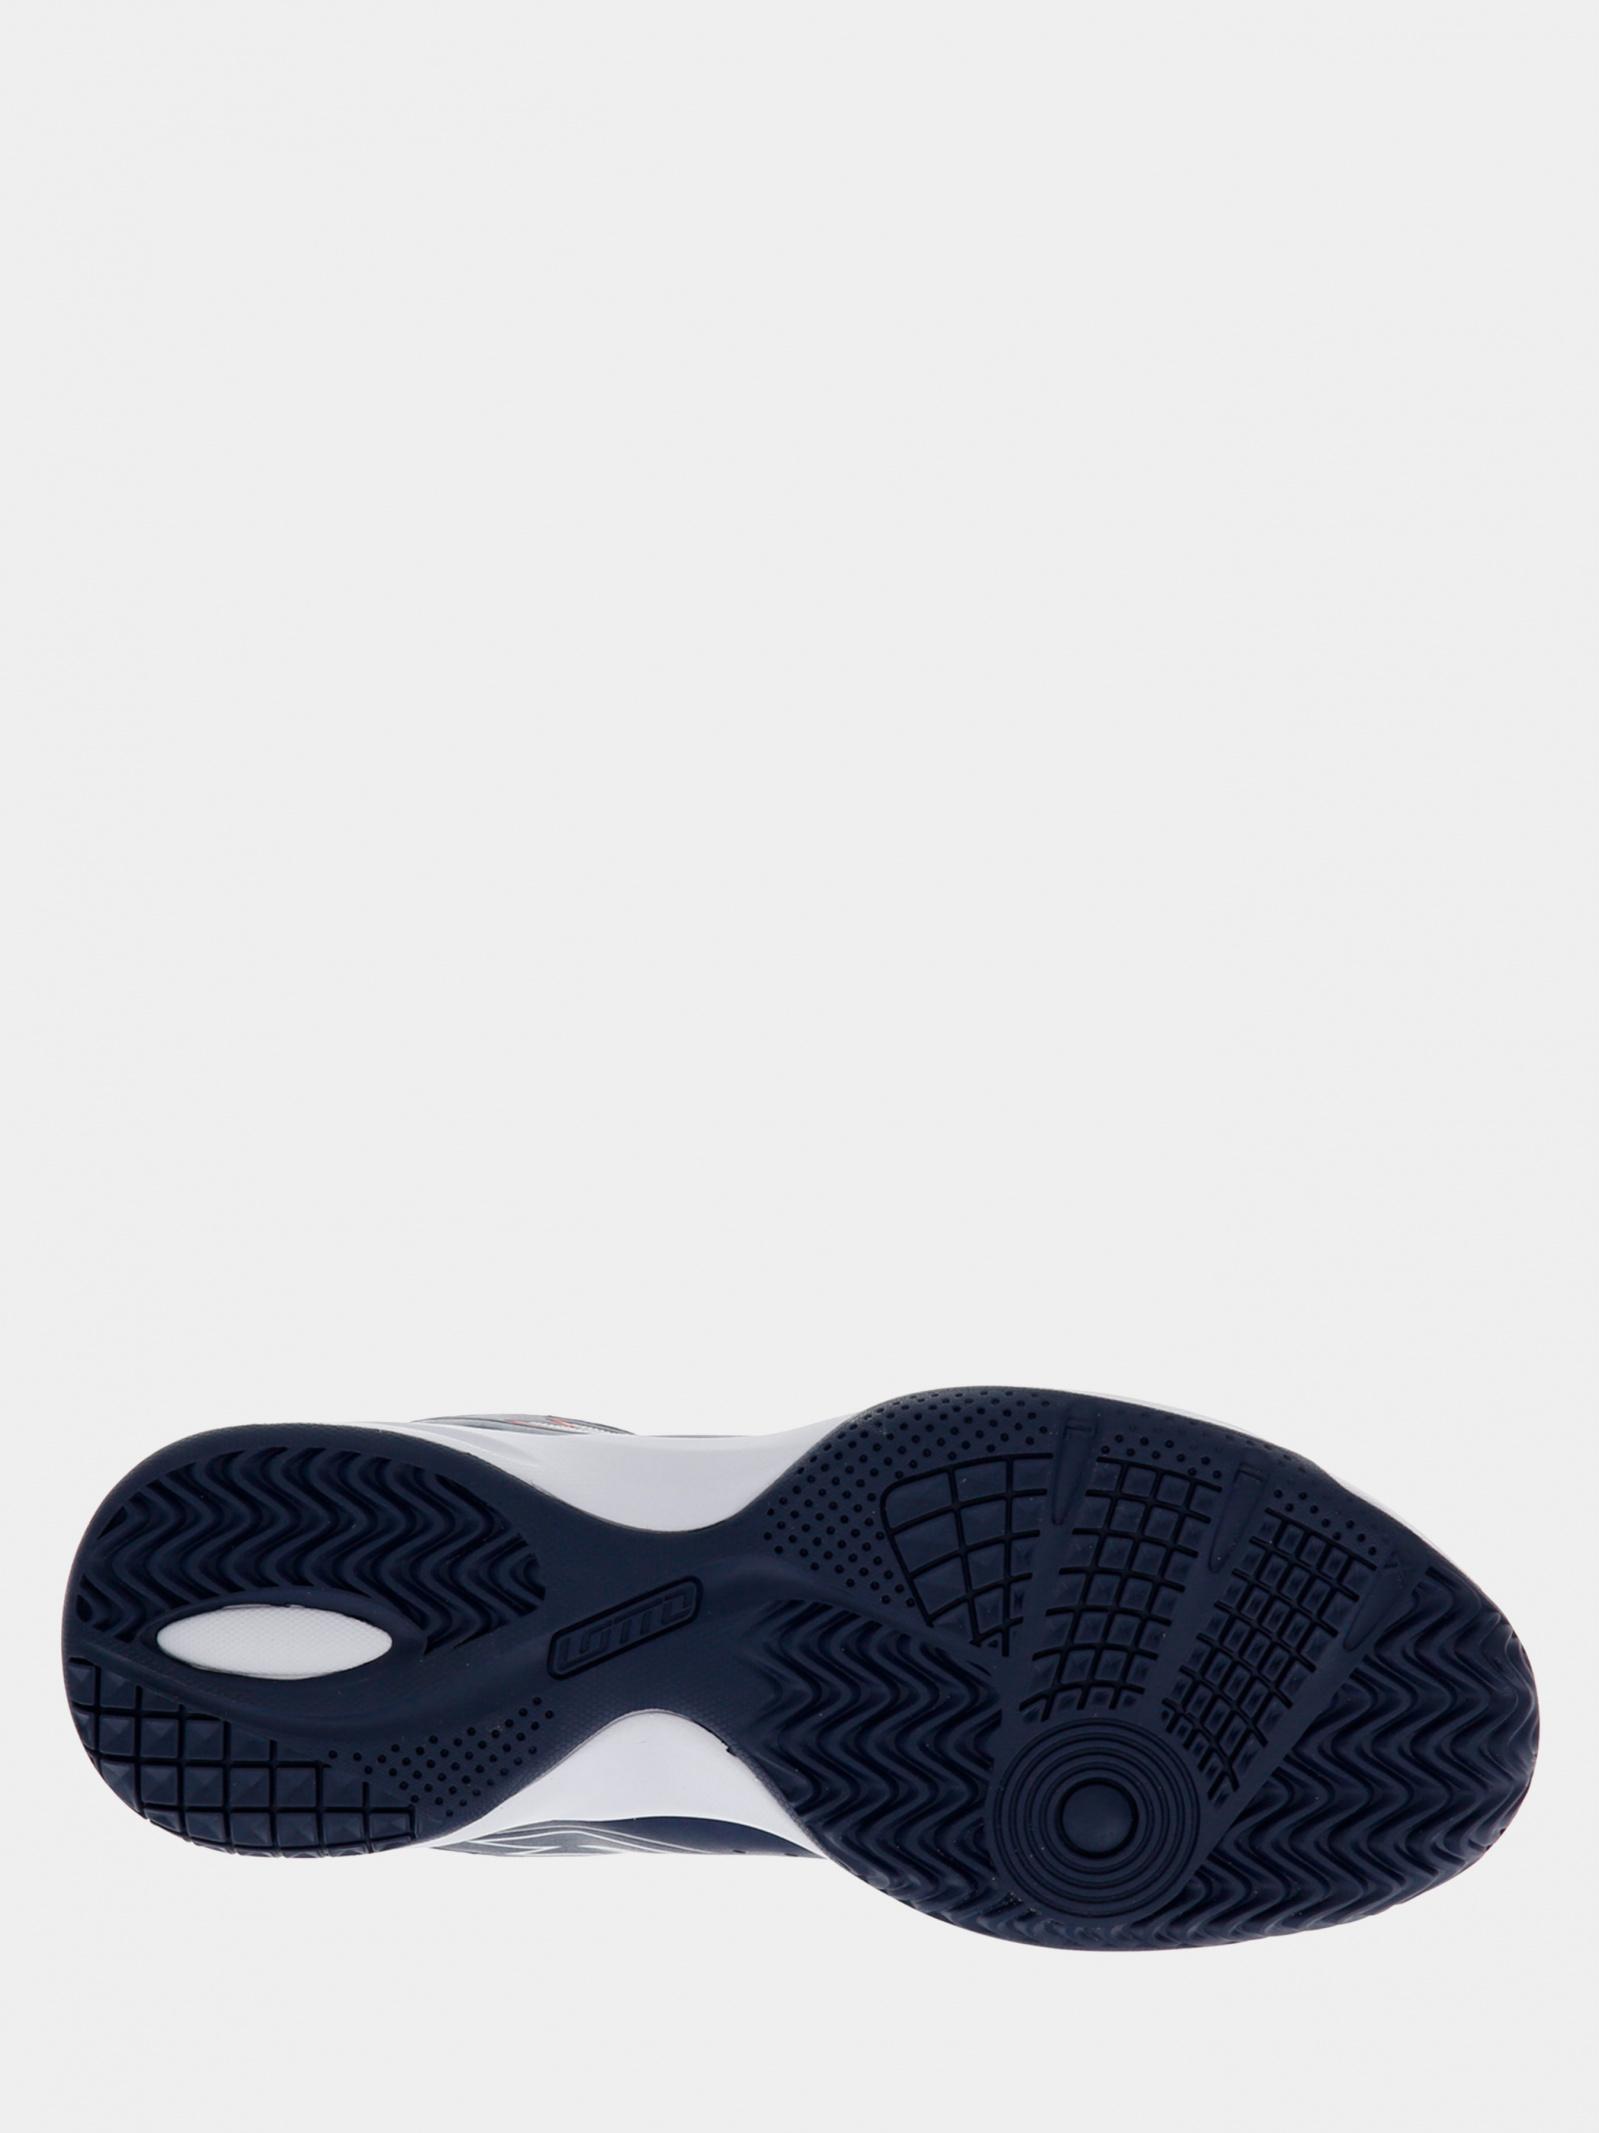 Кроссовки теннисные для мужчин SPACE 600 II ALR 213630_5XZ брендовая обувь, 2017